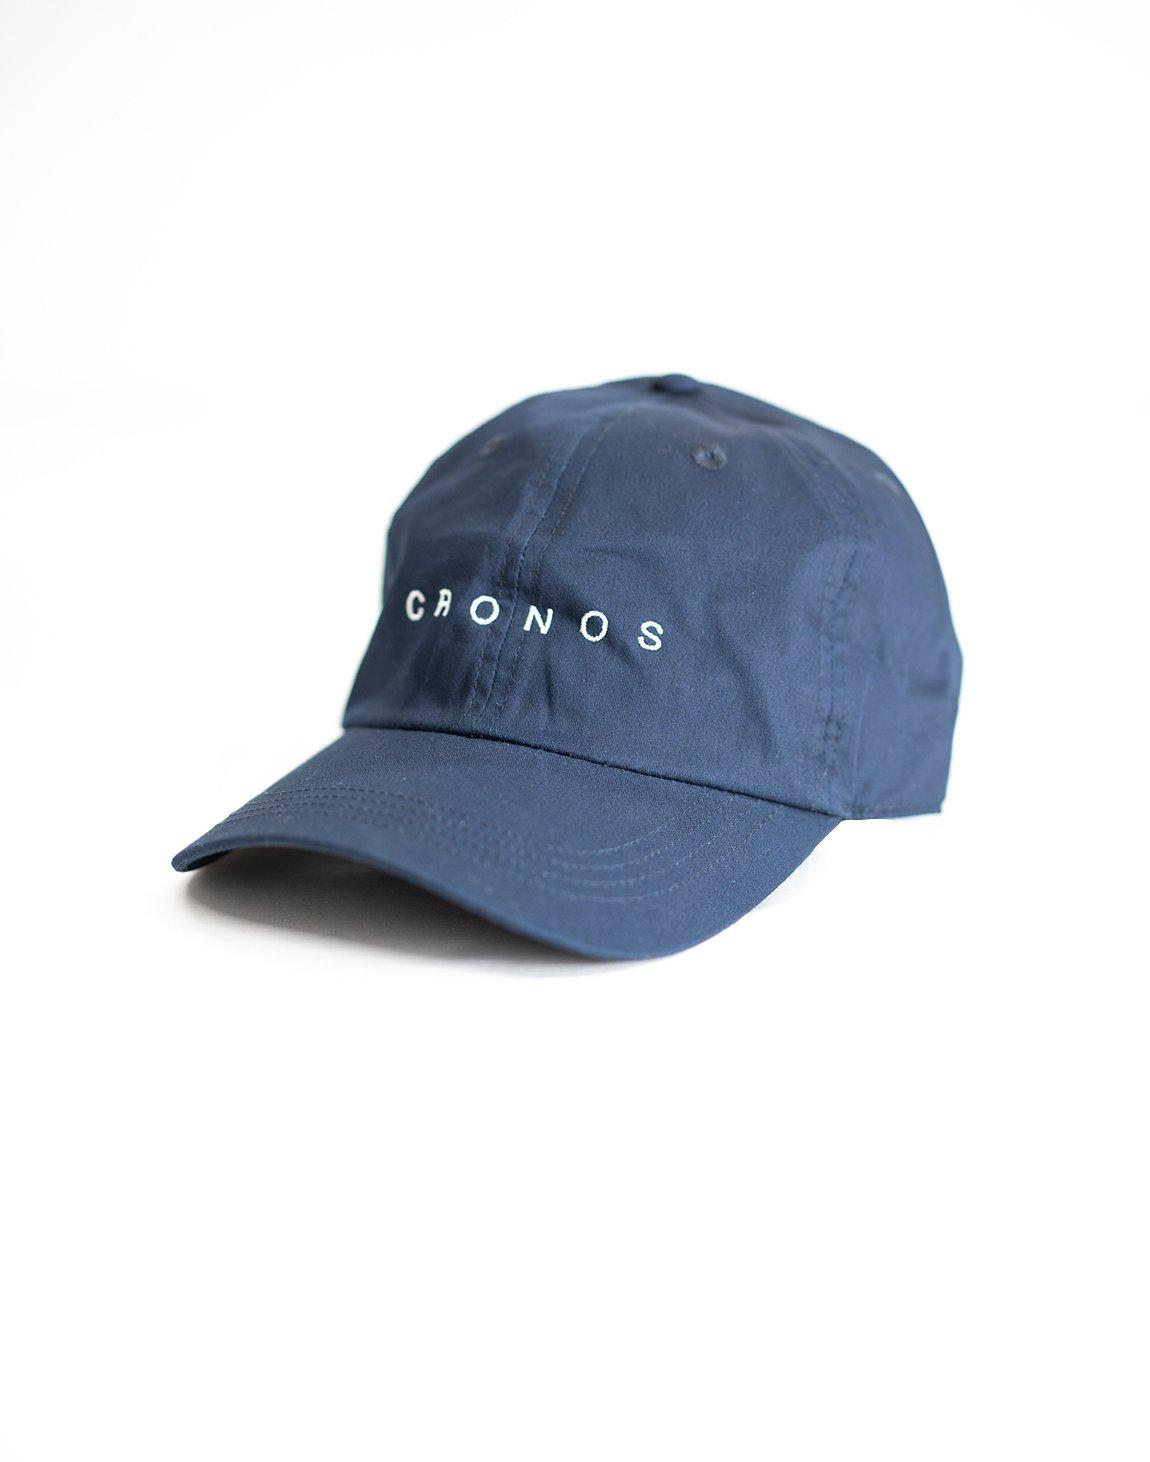 CRONOS LOGO CAP 【NAVY】